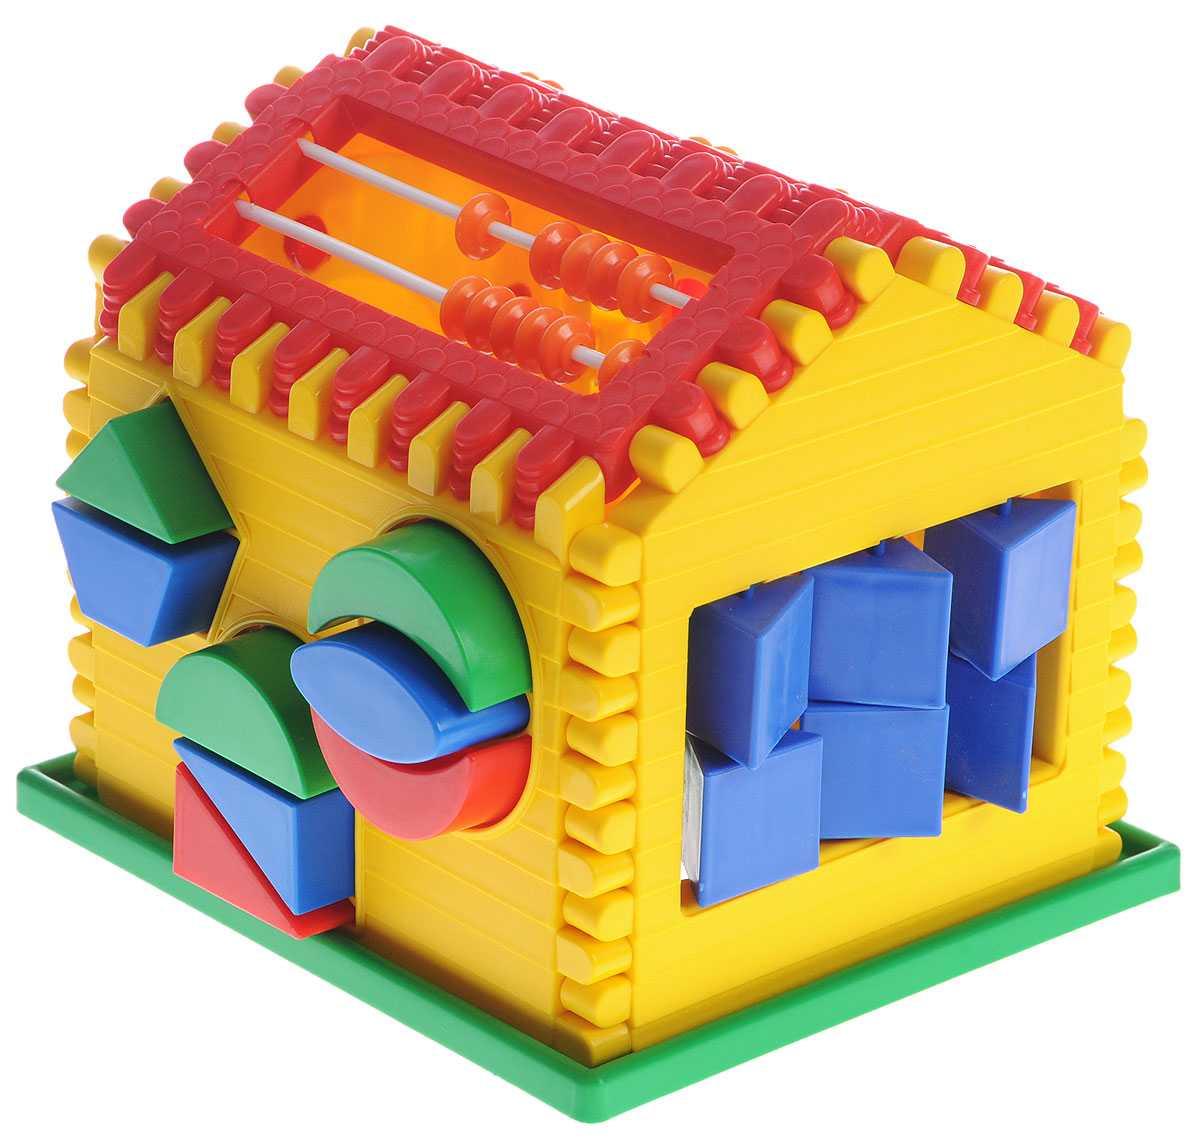 Логический сортер: польза, модели, сортер полесье «логический теремок» и «логический куб», отзывы